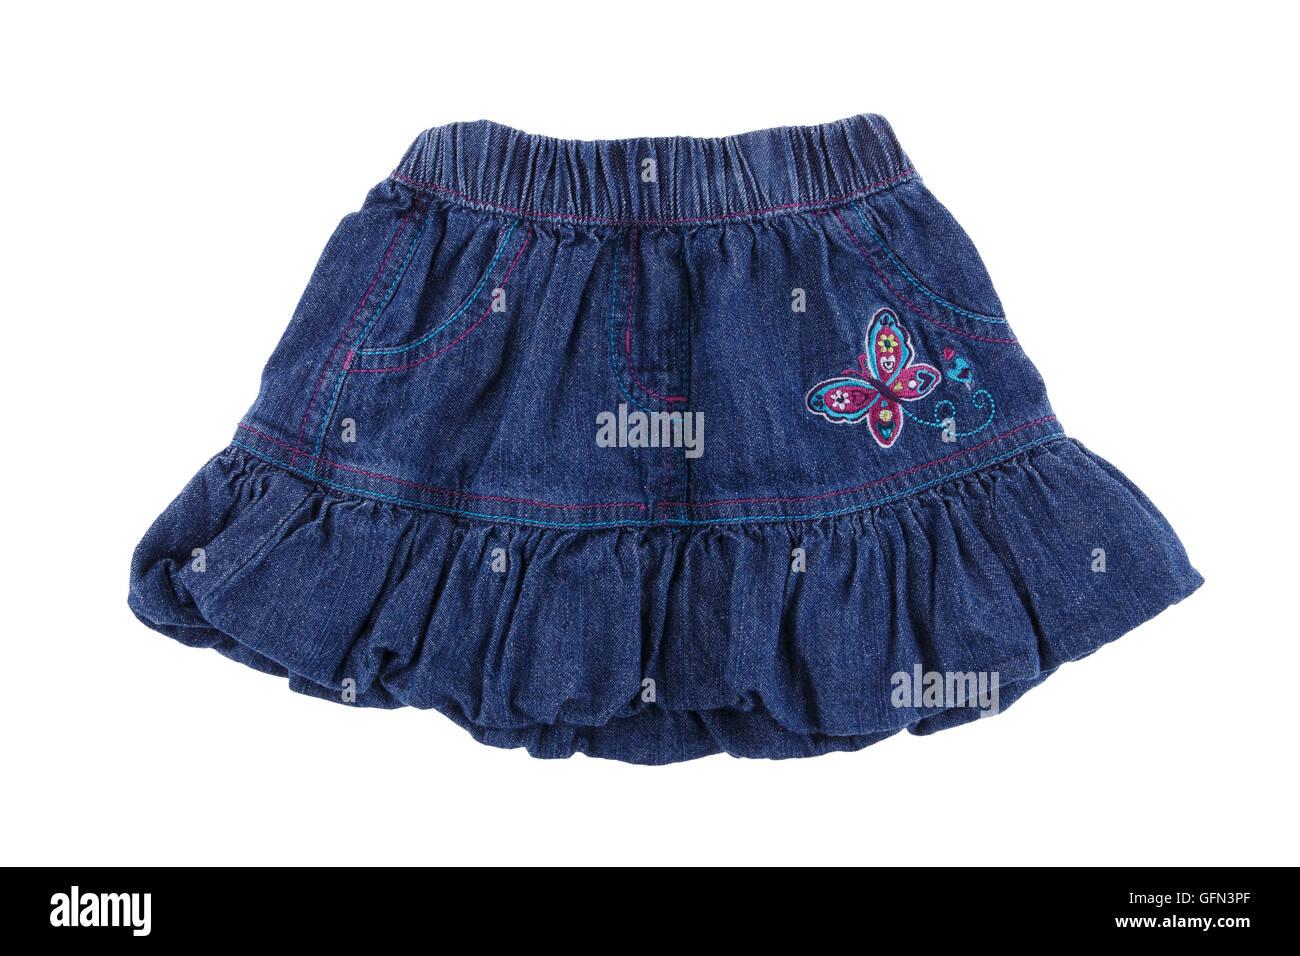 Women's denim skirt isolated on white background - Stock Image